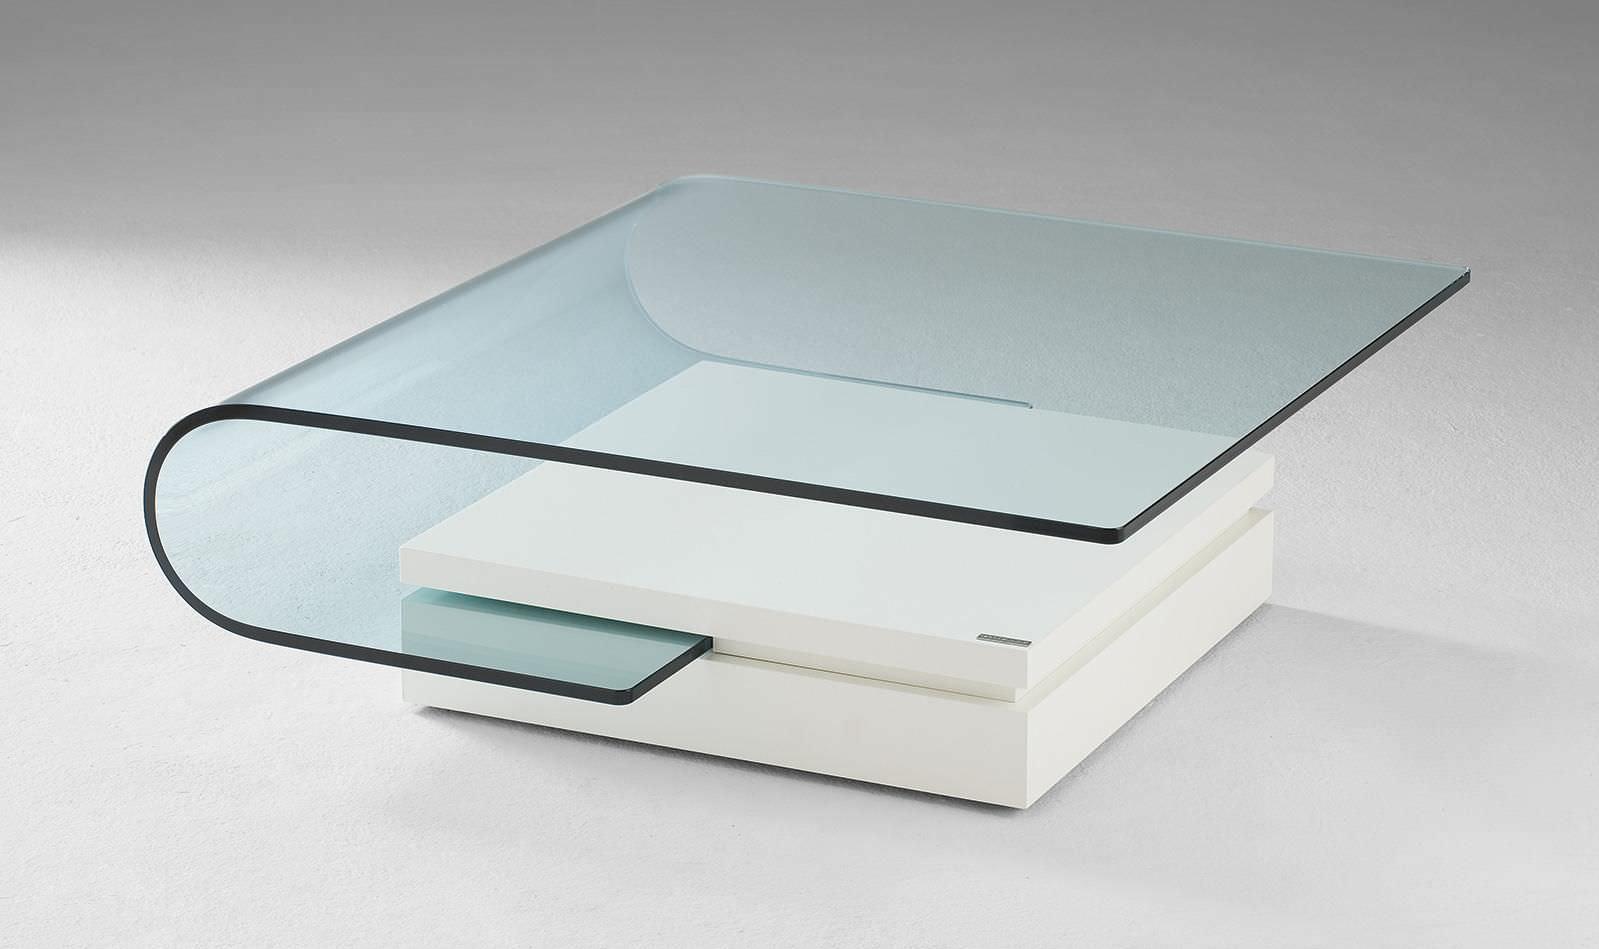 Moderner Couchtisch Glas Rechteckig Innenraum 4405 Alfons